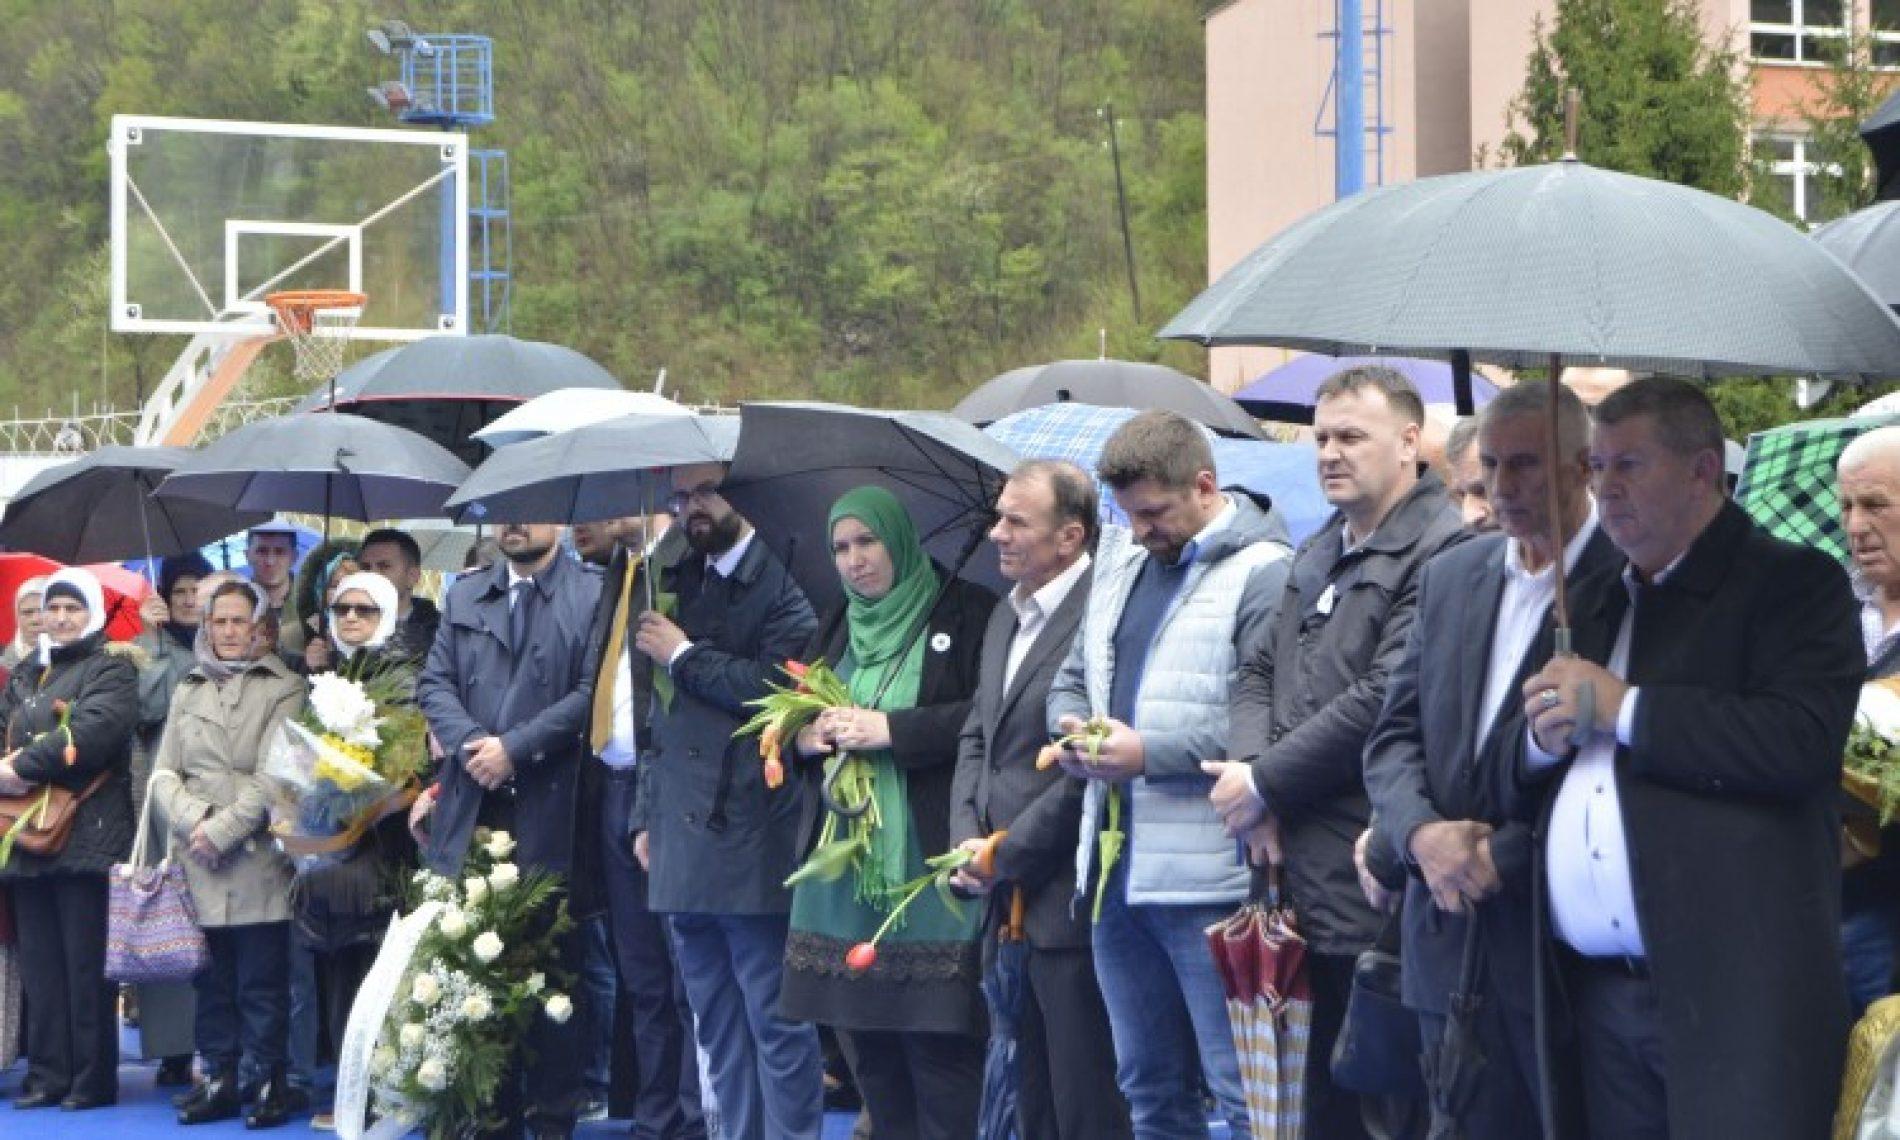 Obilježena 26. godišnjica zločina nad bošnjačkim civilima u Srebrenici